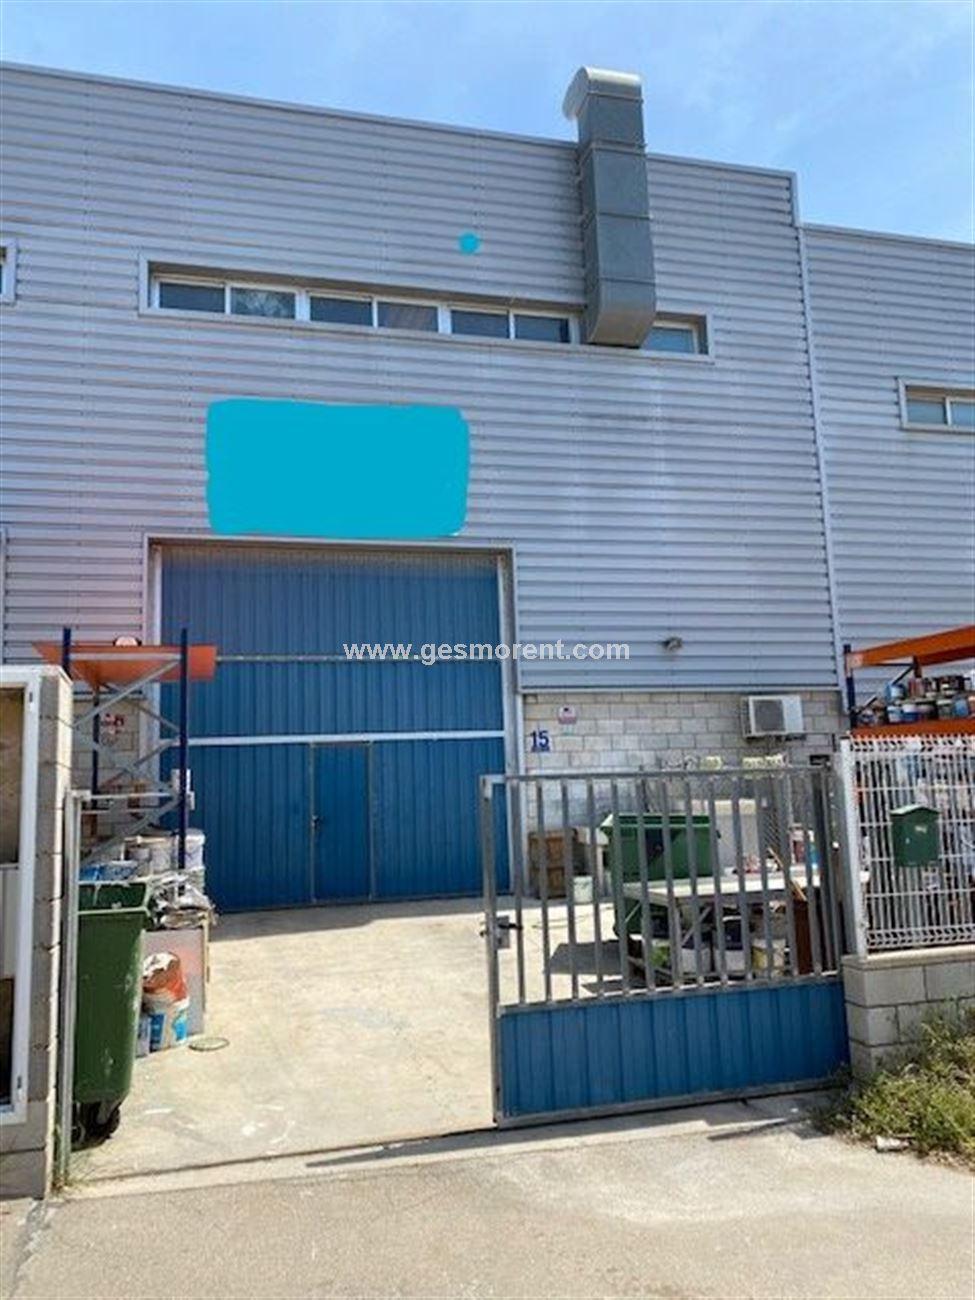 Bâtiment à usage industriel  Llucmajor - polígono son noguera. Nave en venta en poligono de son noguera